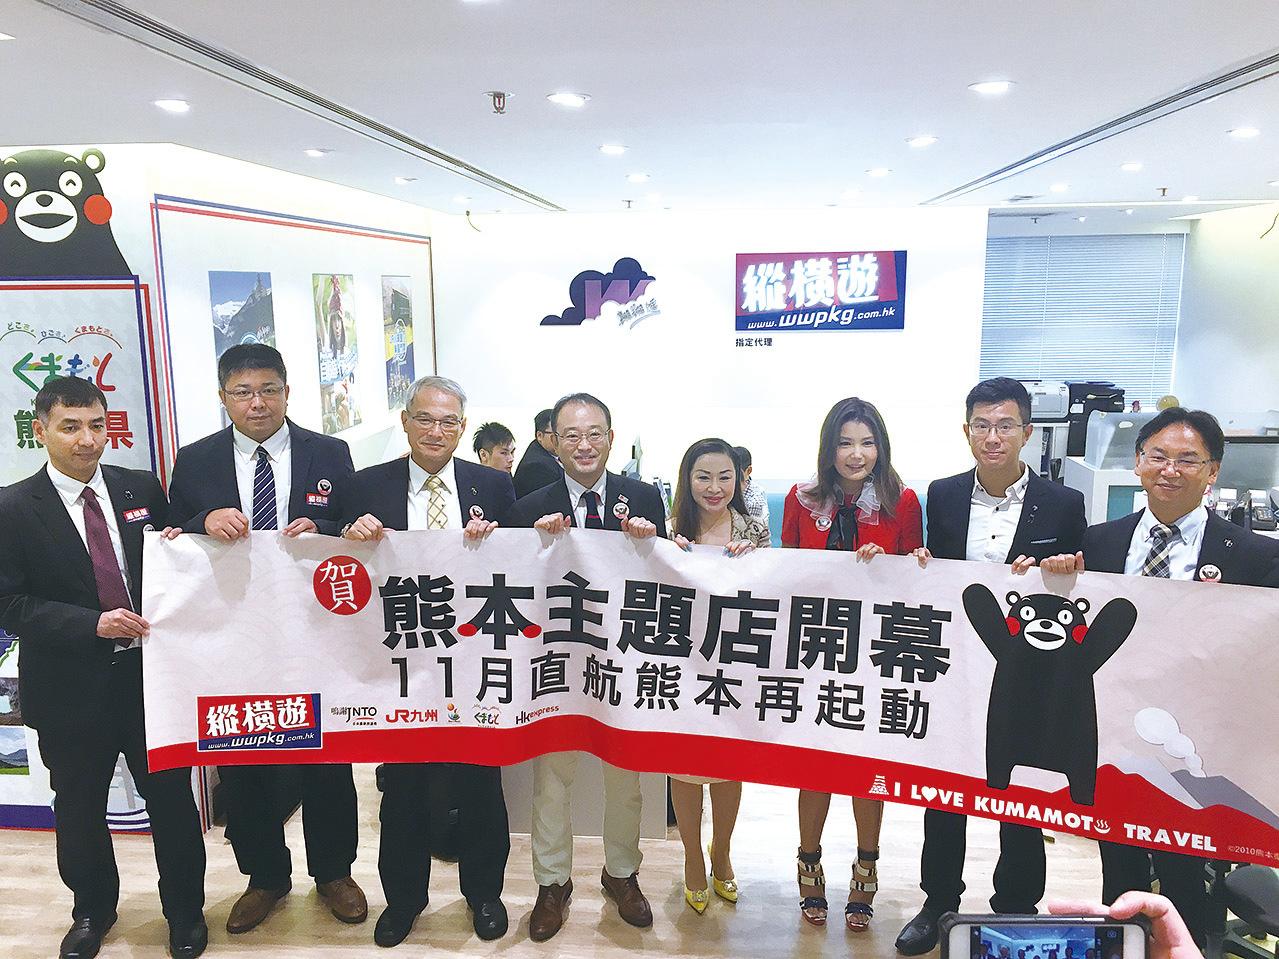 杜如風為旅行社宣傳日本熊本縣。(經理人公司提供)